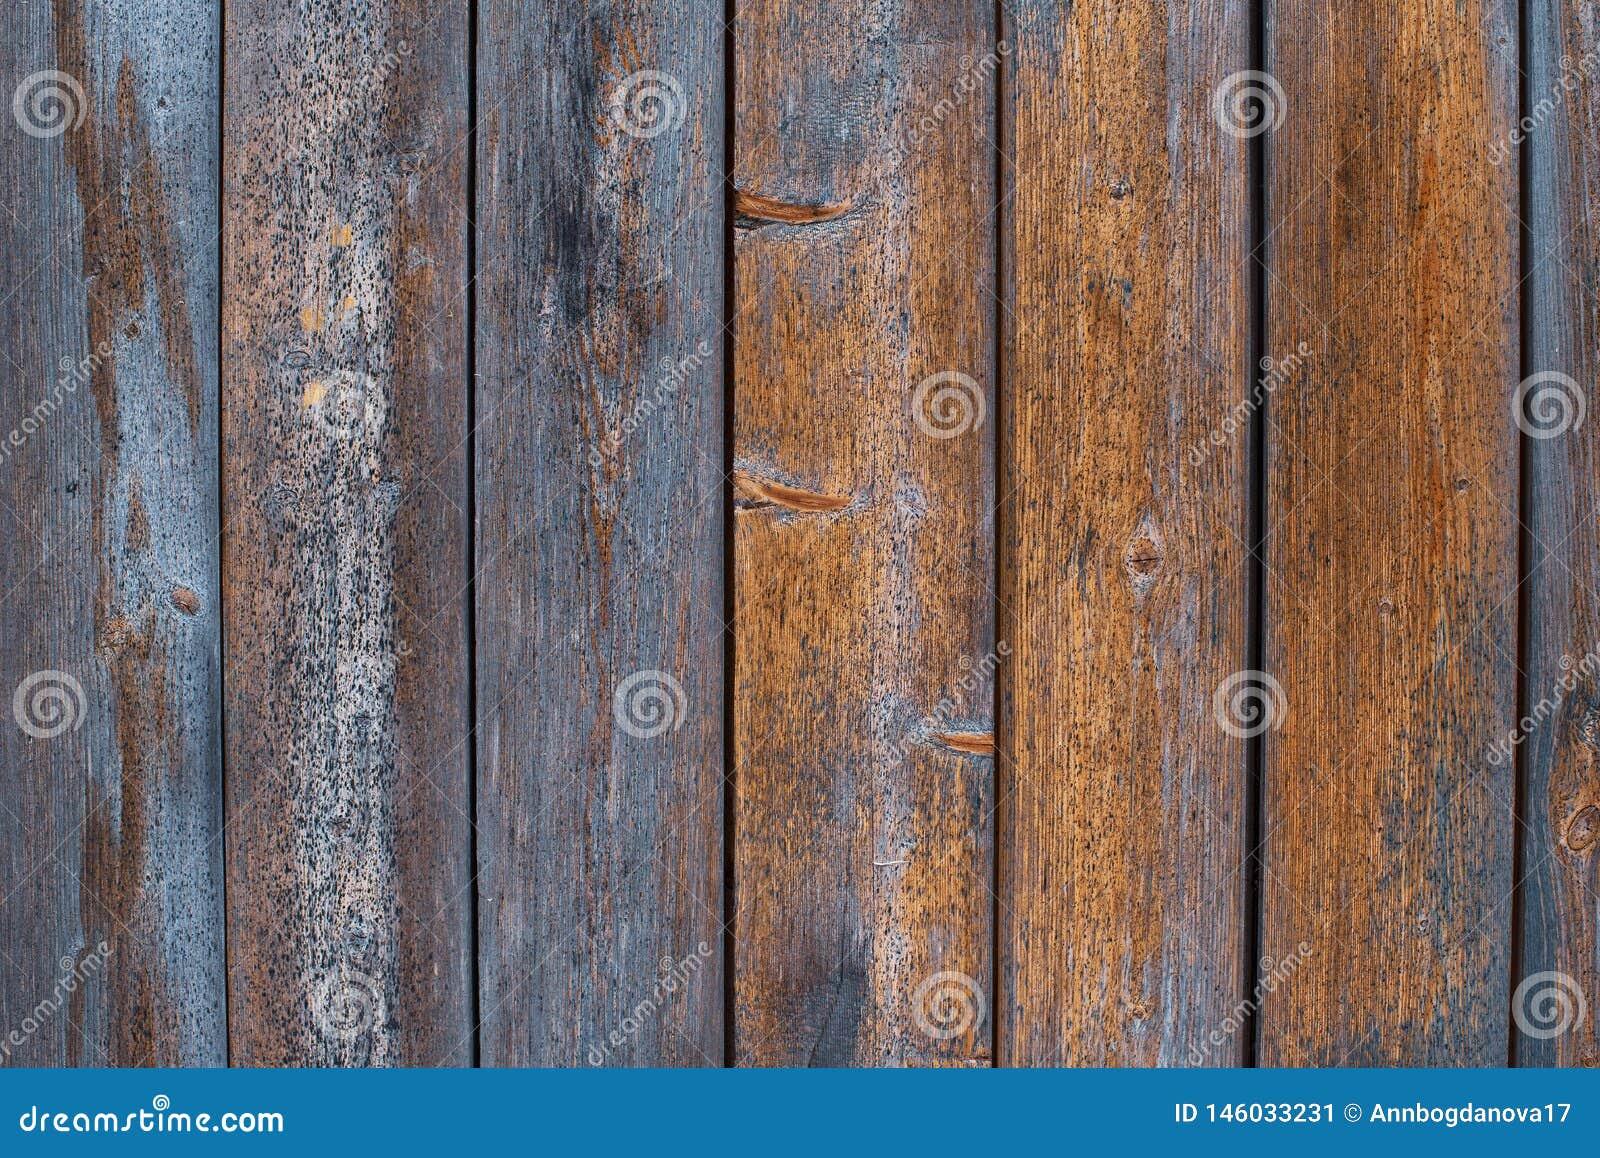 Παλαιοί ξύλινοι πίνακες με το shabby παλαιό μπλε χρώμα